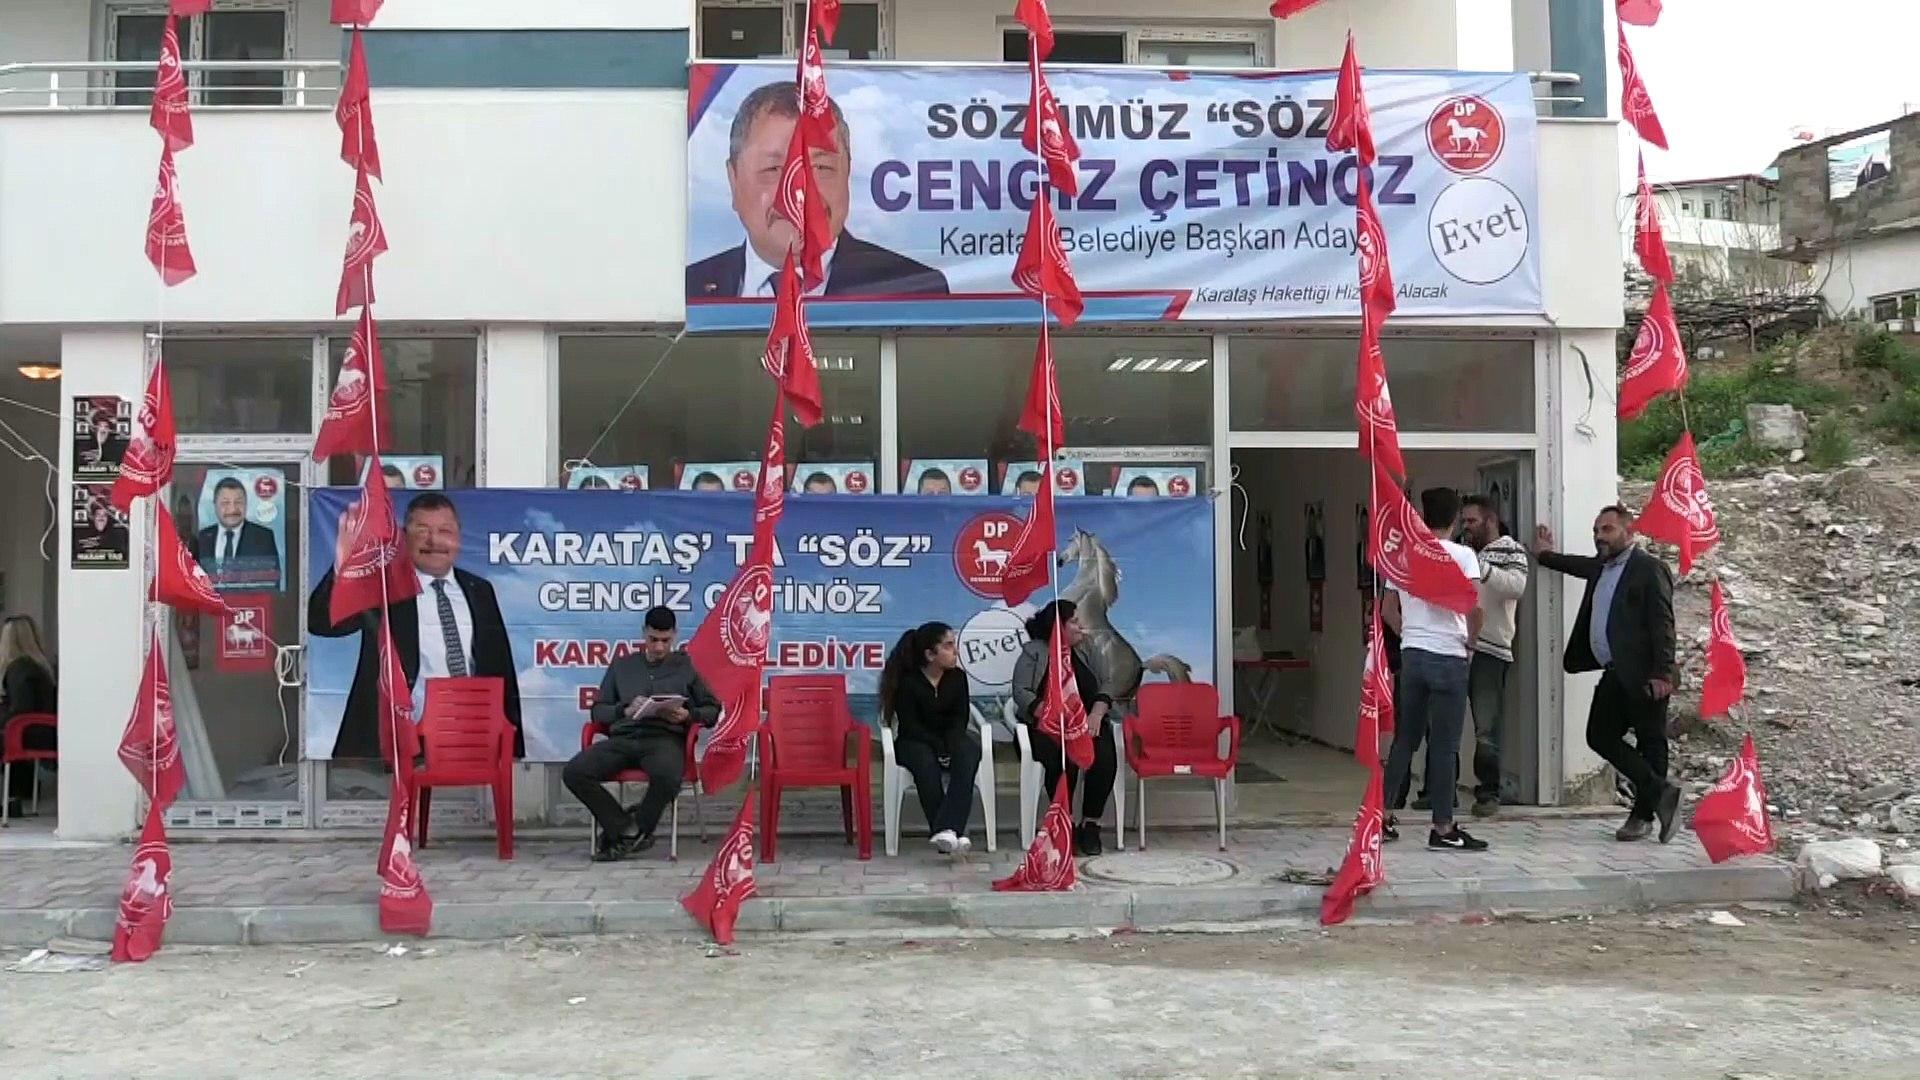 DP Genel Başkanı Uysal: 'Milletimiz çok uzun süredir bir kıskaç içerisinde' - ADANA